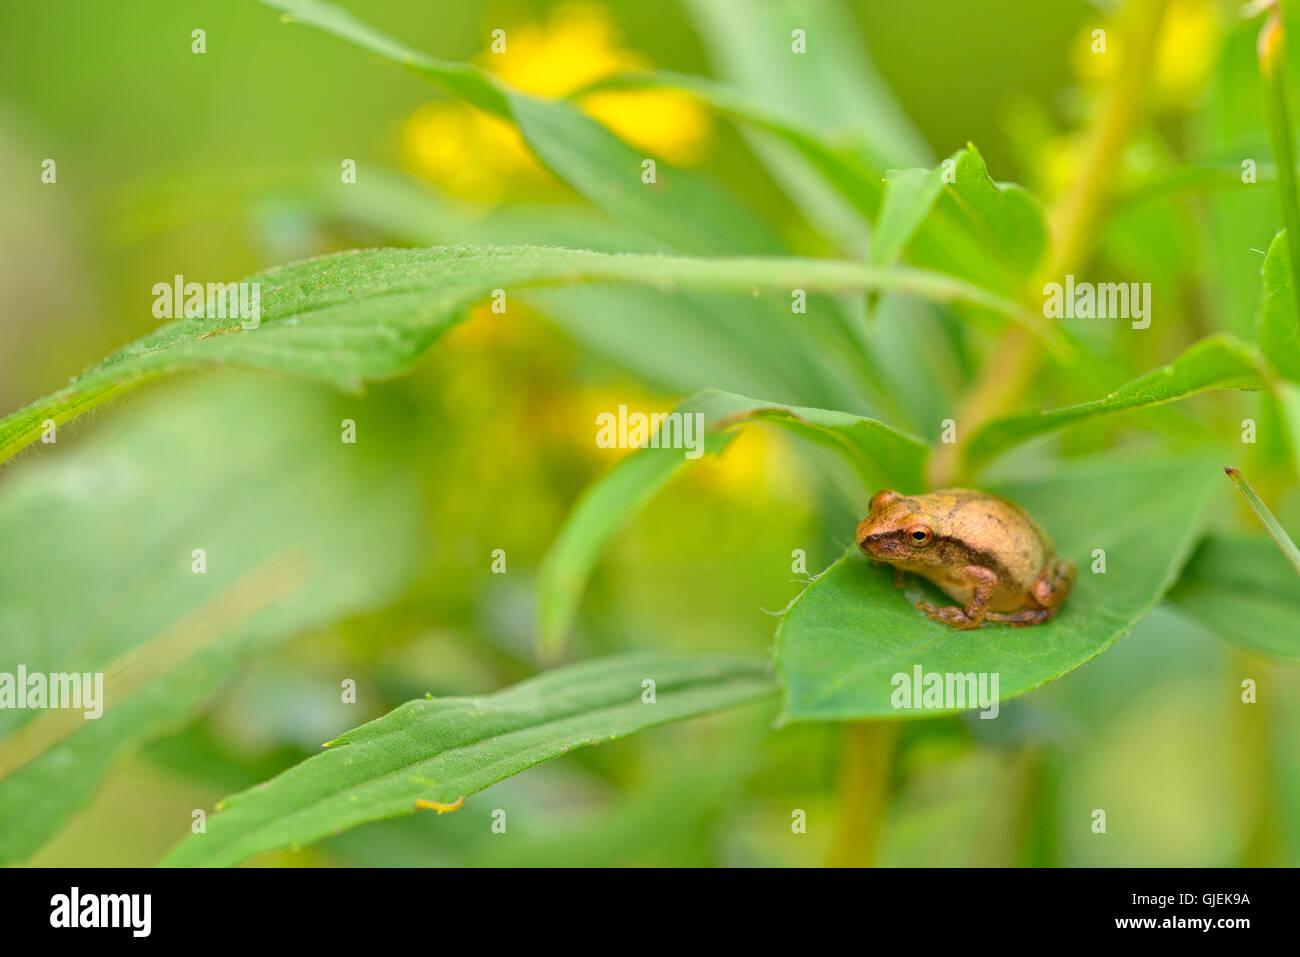 Spring peeper (Hyla crucifer) resting on a leaf, Greater Sudbury, Ontario, Canada - Stock Image